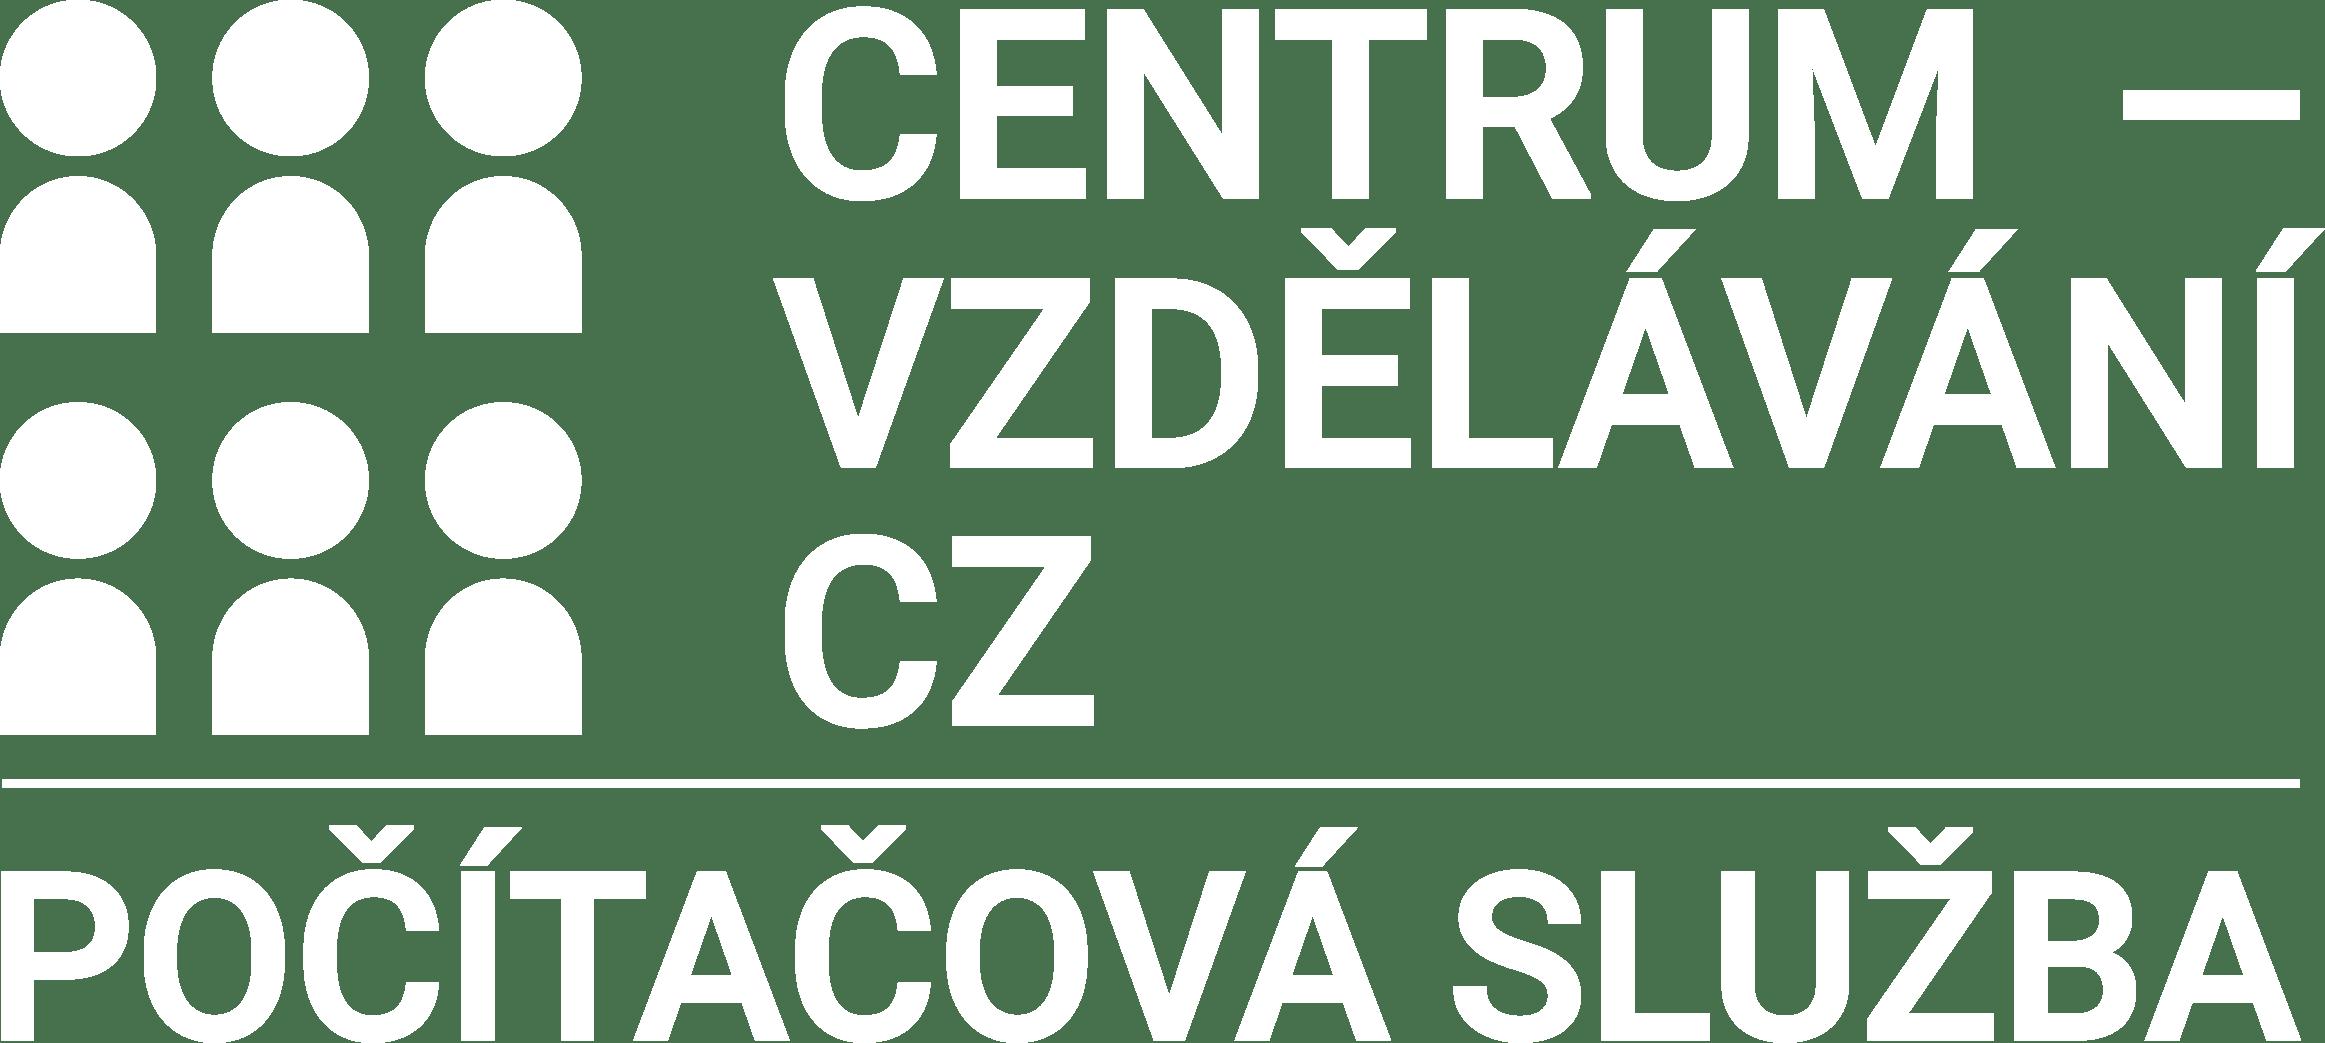 CENTRUM-VZDĚLÁVÁNÍ.CZ